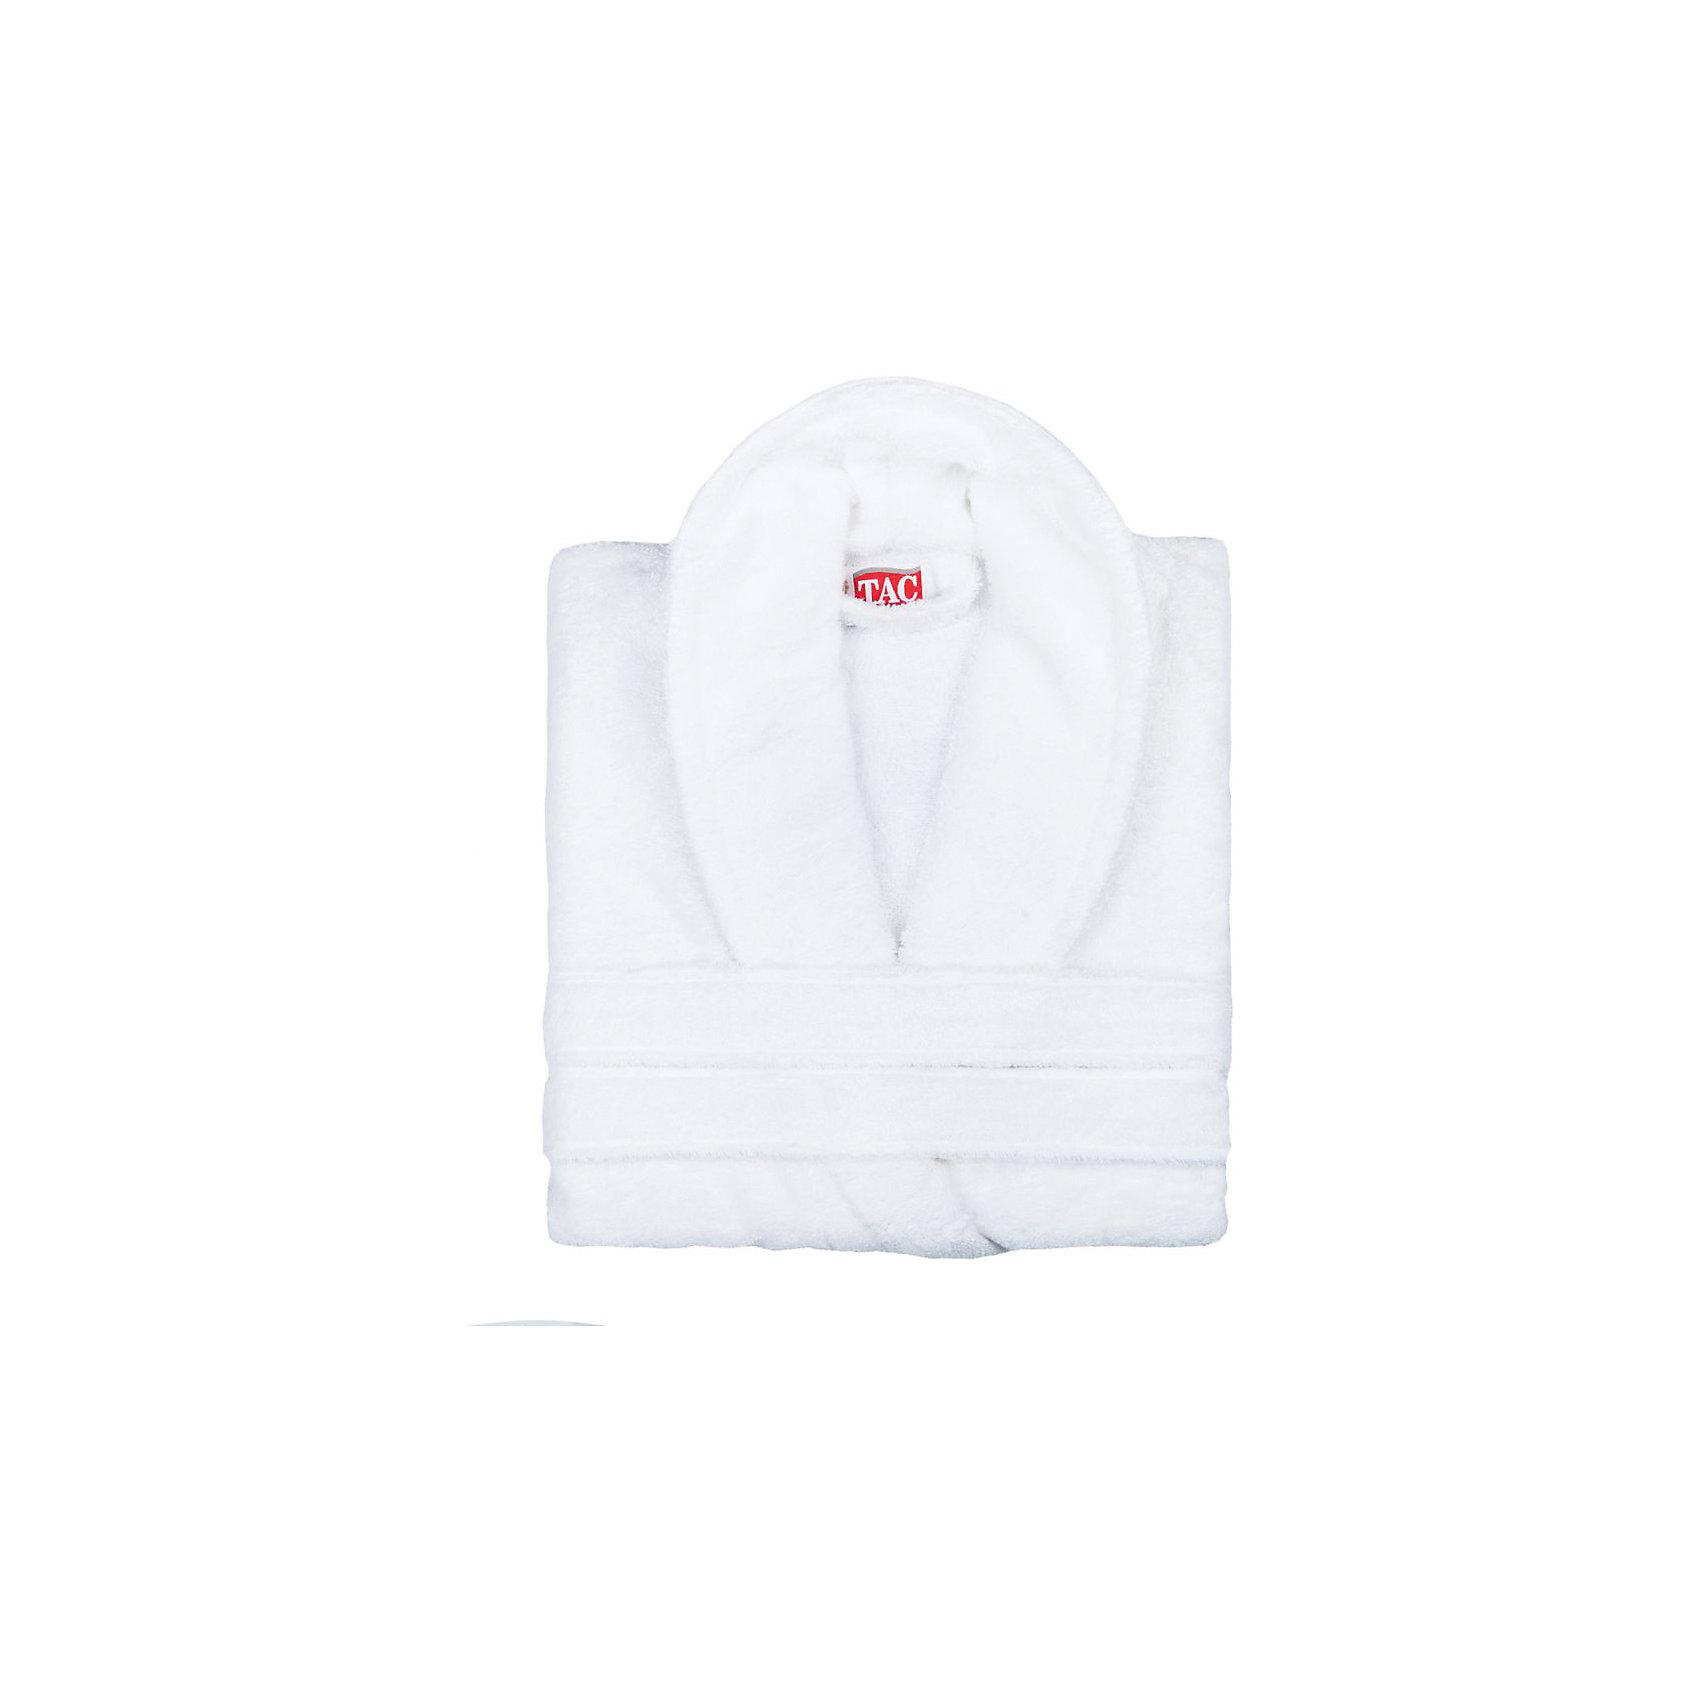 Халат махровый Maison Bambu, L/XL, TAC, белый (beyaz)Ванная комната<br>Характеристики:<br><br>• Вид домашнего текстиля: махровый халат<br>• Размер международный/российский: L/XL<br>• Пол: унисекс<br>• Рисунок: без рисунка<br>• Материал: хлопок, 50% хлопок; бамбук, 50%<br>• Цвет: белый<br>• Плотность полотна: 320 гр/м2 <br>• Силуэт: прямой<br>• Рукав: длинный<br>• Воротник: отложной<br>• Застежка: пояс<br>• Вес в упаковке: 1 кг 130 г<br>• Размеры упаковки (Д*Ш*В): 40*10*32 см<br>• Особенности ухода: машинная стирка <br><br>Халат махровый Maison Bambu, L/XL, TAC, белый (beyaz) от наиболее популярного бренда на отечественном рынке среди производителей комплектов постельного белья и текстильных принадлежностей, выпуском которого занимается производственная компания, являющаяся частью мирового холдинга Zorlu Holding Textiles Group. Халат выполнен из сочетания натурального хлопка и бамбукового волокна, что обеспечивает гипоаллергенность, высокую износоустойчивость, повышенные гигкоскопические и антибактериальные свойства изделия. Благодаря высокой степени плотности махры, халат отлично впитывает влагу, но при этом остается мягким. <br><br>Ворс окрашен стойкими нетоксичными красителями, который не оставляет запаха и обеспечивает ровный окрас. Изделие сохраняет свой цвет и форму даже при частых стирках. Халат прямого кроя с длинными рукавами и отложным воротником идеально подходит для посещения бани или сауны, а в прохладные вечера обеспечит комфорт и уют своему владельцу. Выполнен в белом цвете без рисунка.<br><br>Халат махровый Maison Bambu, L/XL, TAC, белый (beyaz) можно купить в нашем интернет-магазине.<br><br>Ширина мм: 290<br>Глубина мм: 90<br>Высота мм: 400<br>Вес г: 1400<br>Возраст от месяцев: 216<br>Возраст до месяцев: 1188<br>Пол: Унисекс<br>Возраст: Детский<br>SKU: 5476363